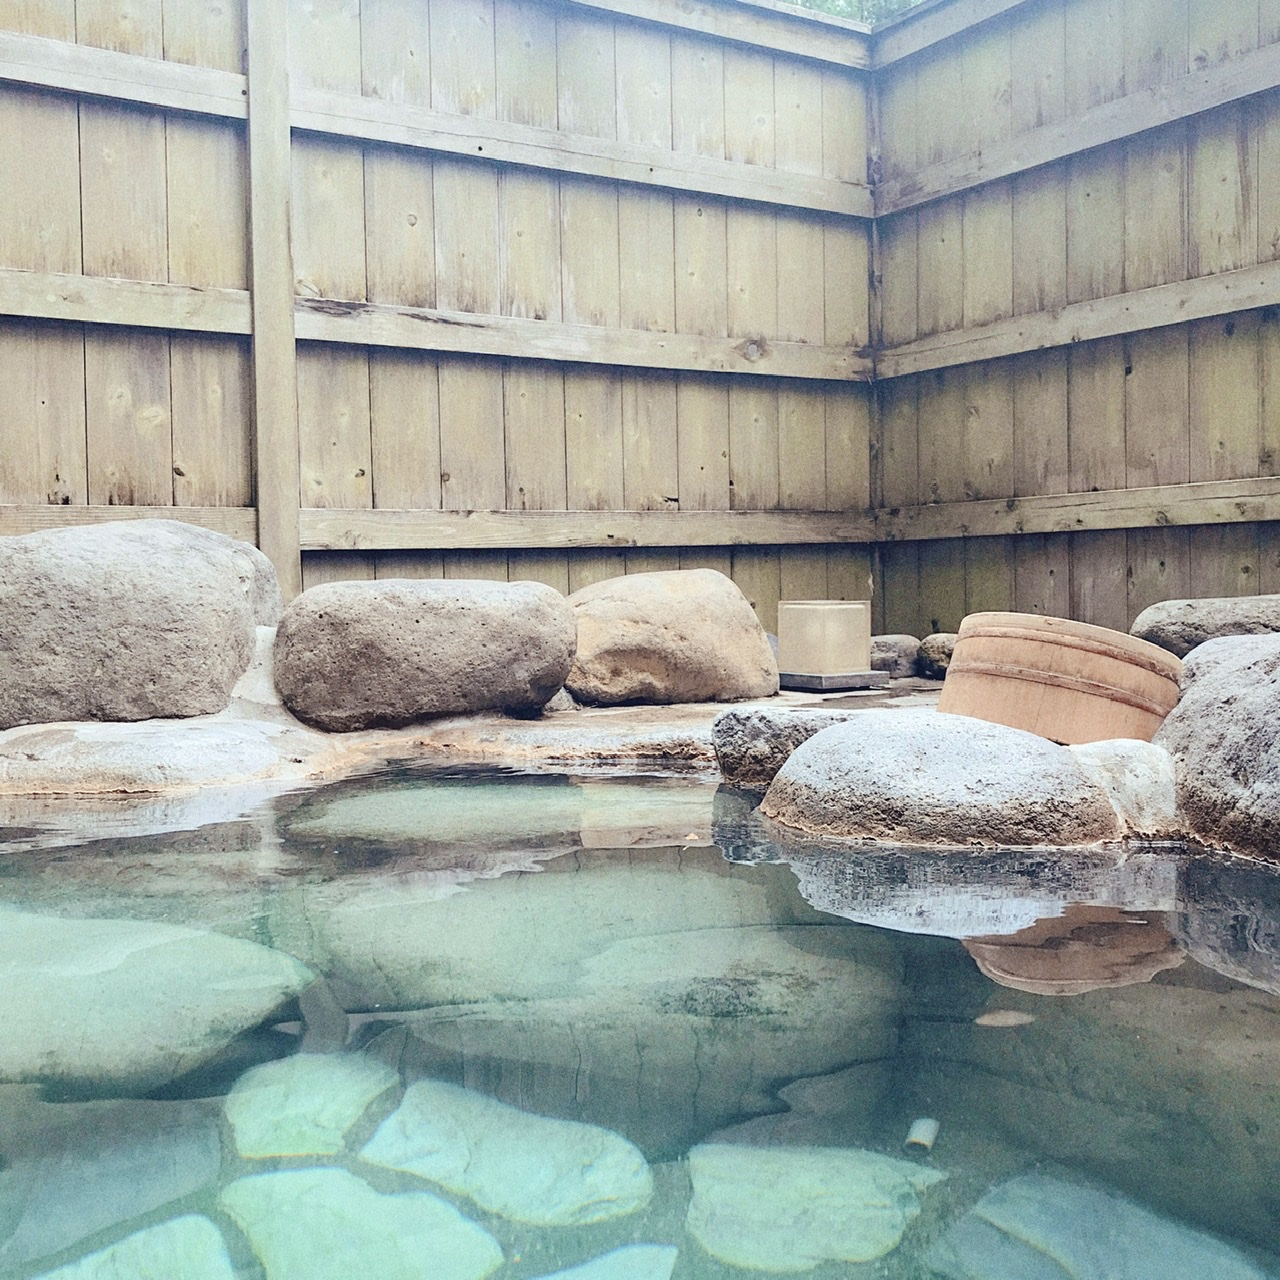 【女子旅におすすめ】わずか16部屋しかない伊豆の湯宿・玉翠のプライベート空間で満喫_4